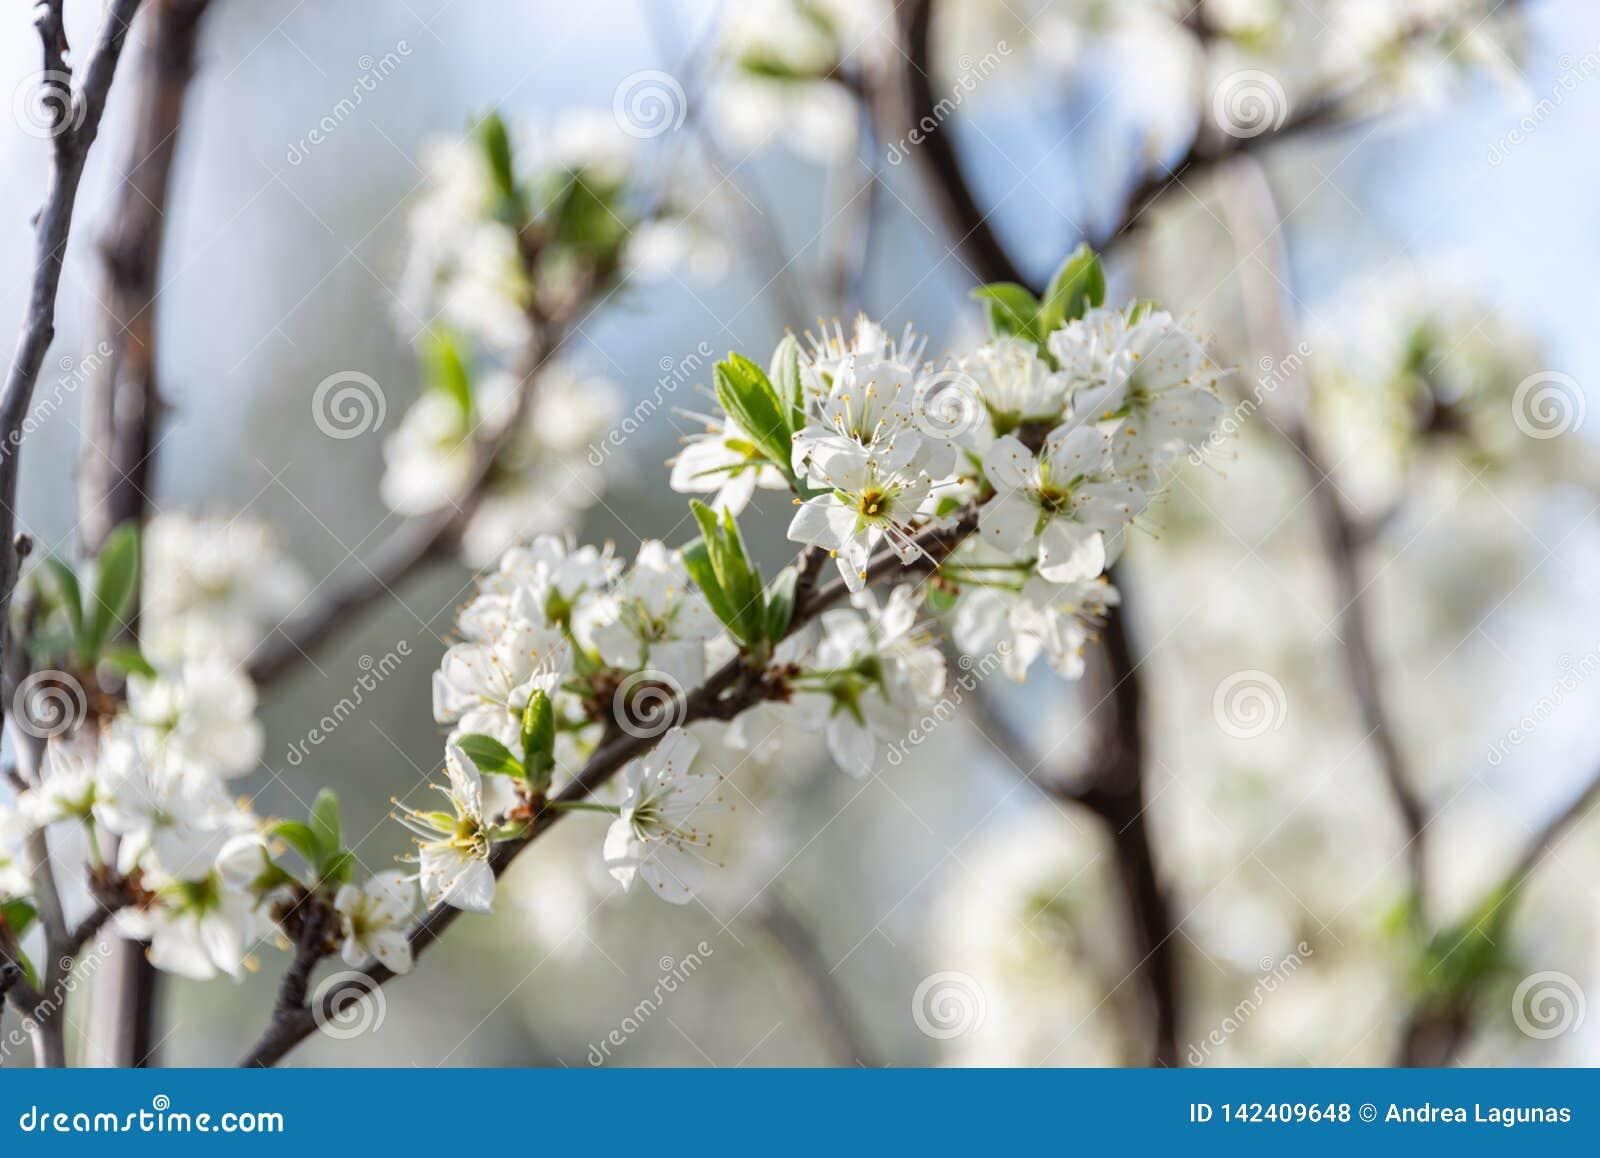 Blumen des BlütenMandelbaums auf dem Gebiet